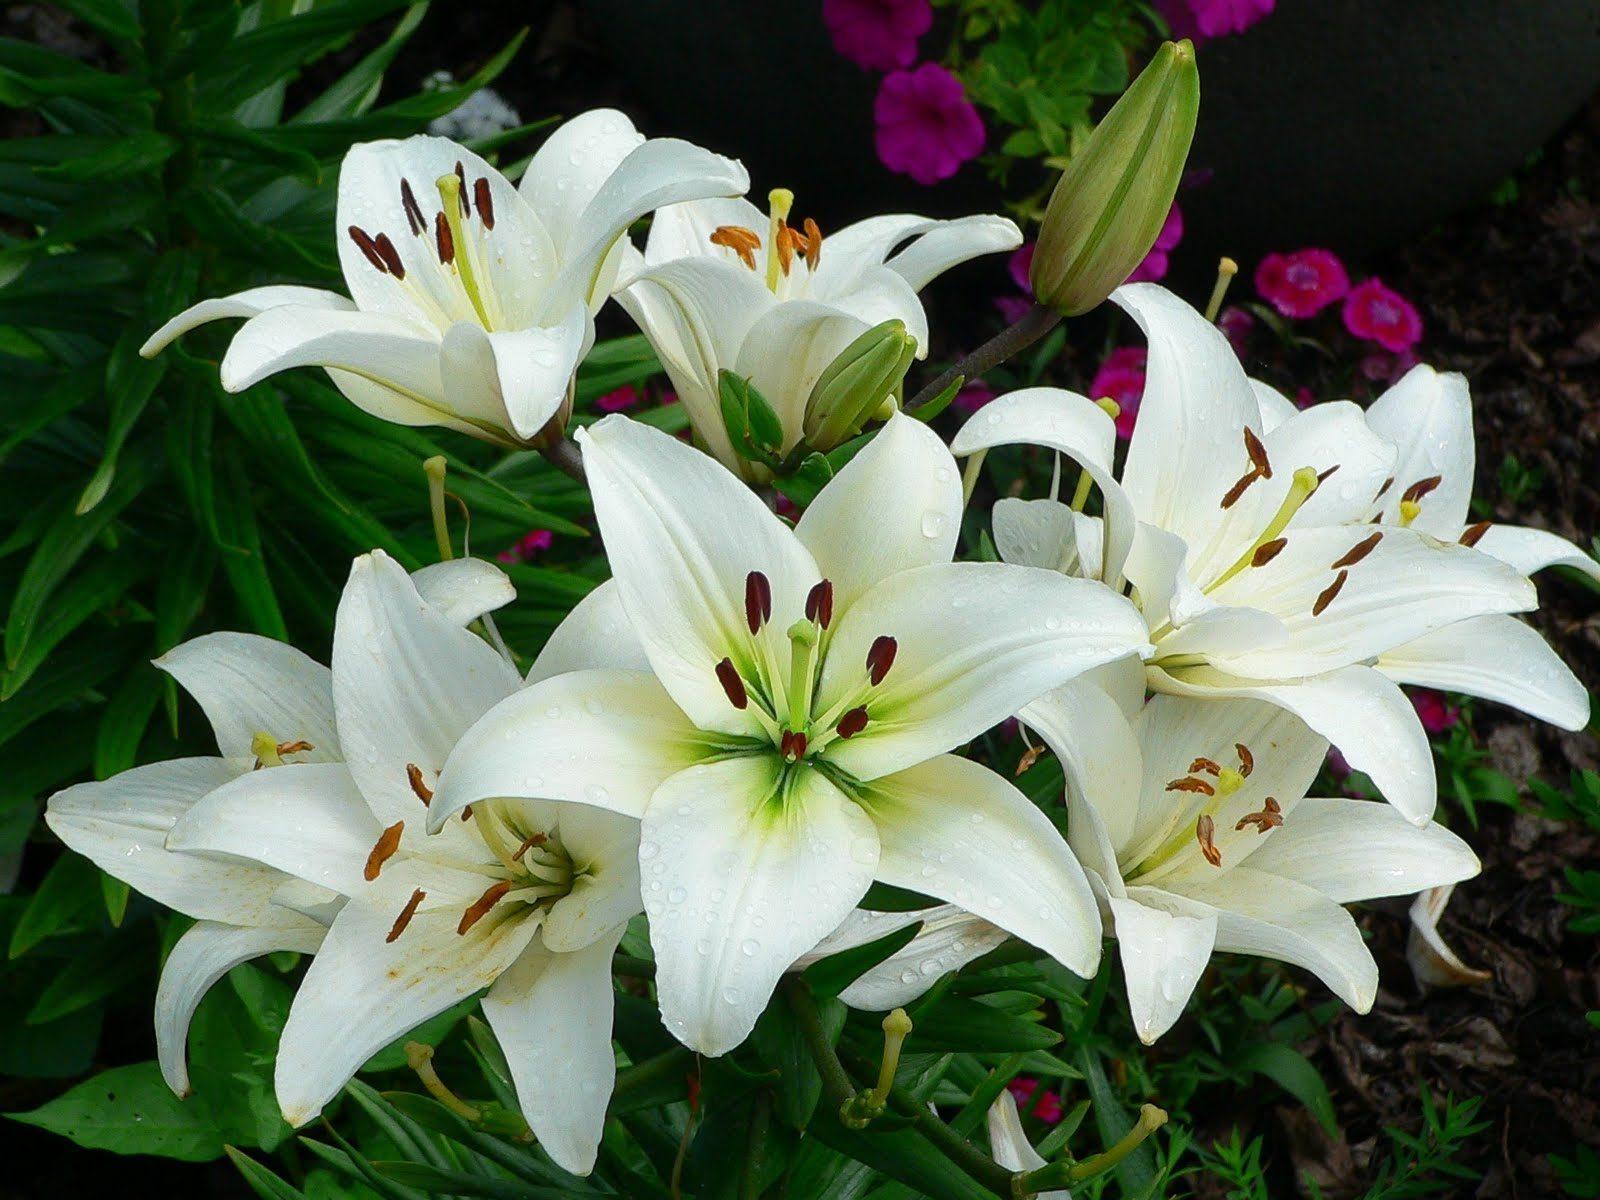 Ý nghĩa màu sắc của hoa huệ